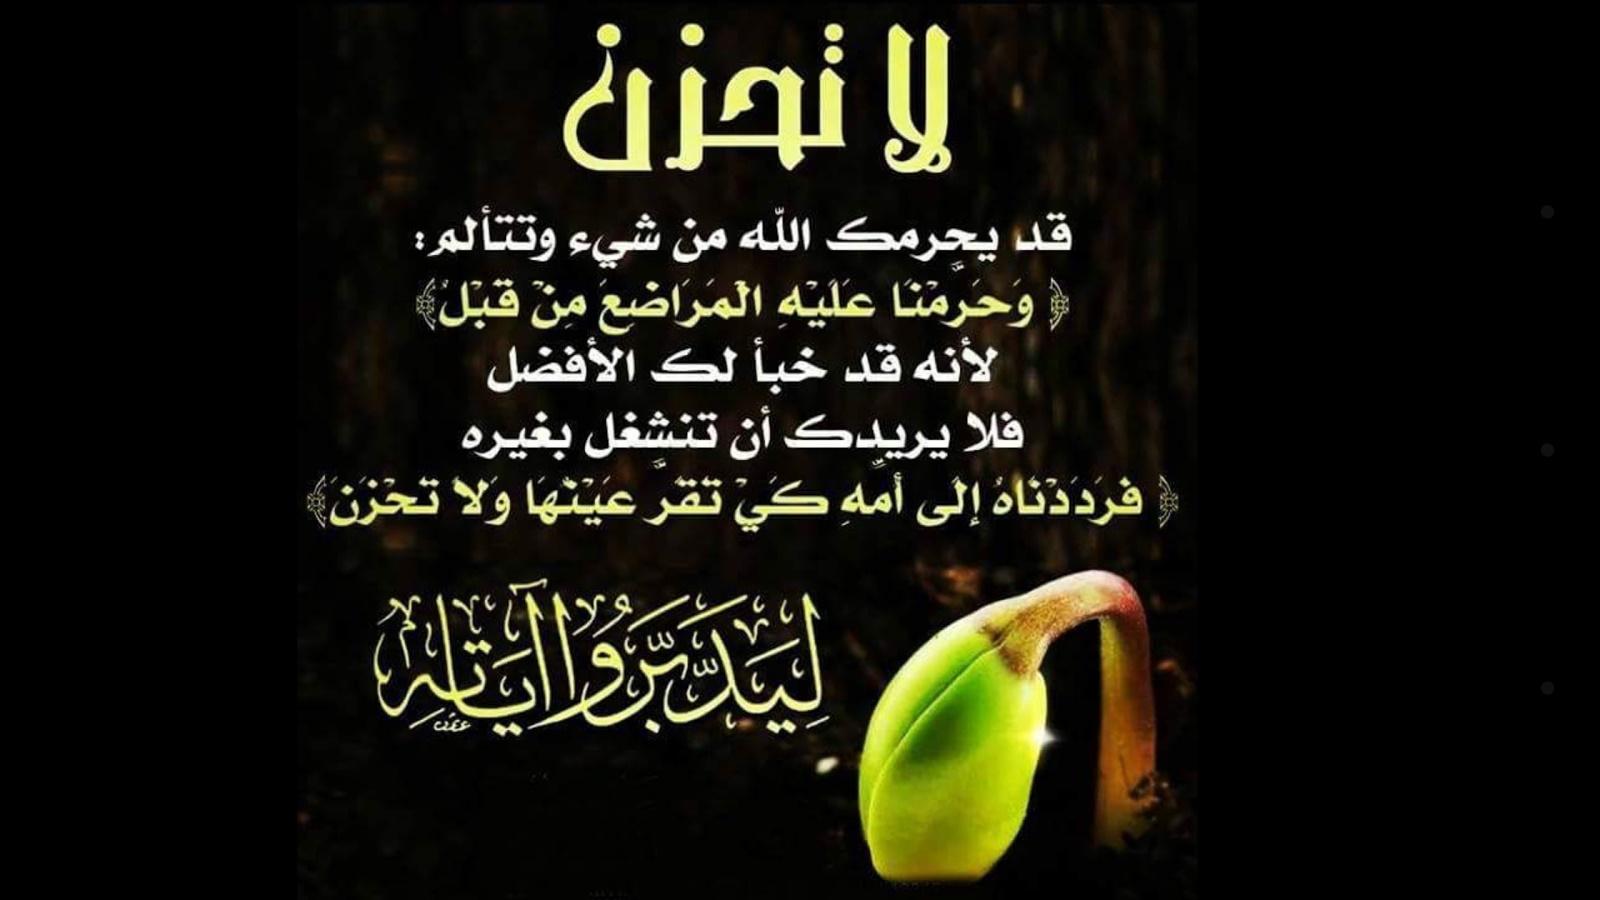 بالصور صور دينيه اسلاميه , استخدامات متعددة للصور الاسلامية 1833 3